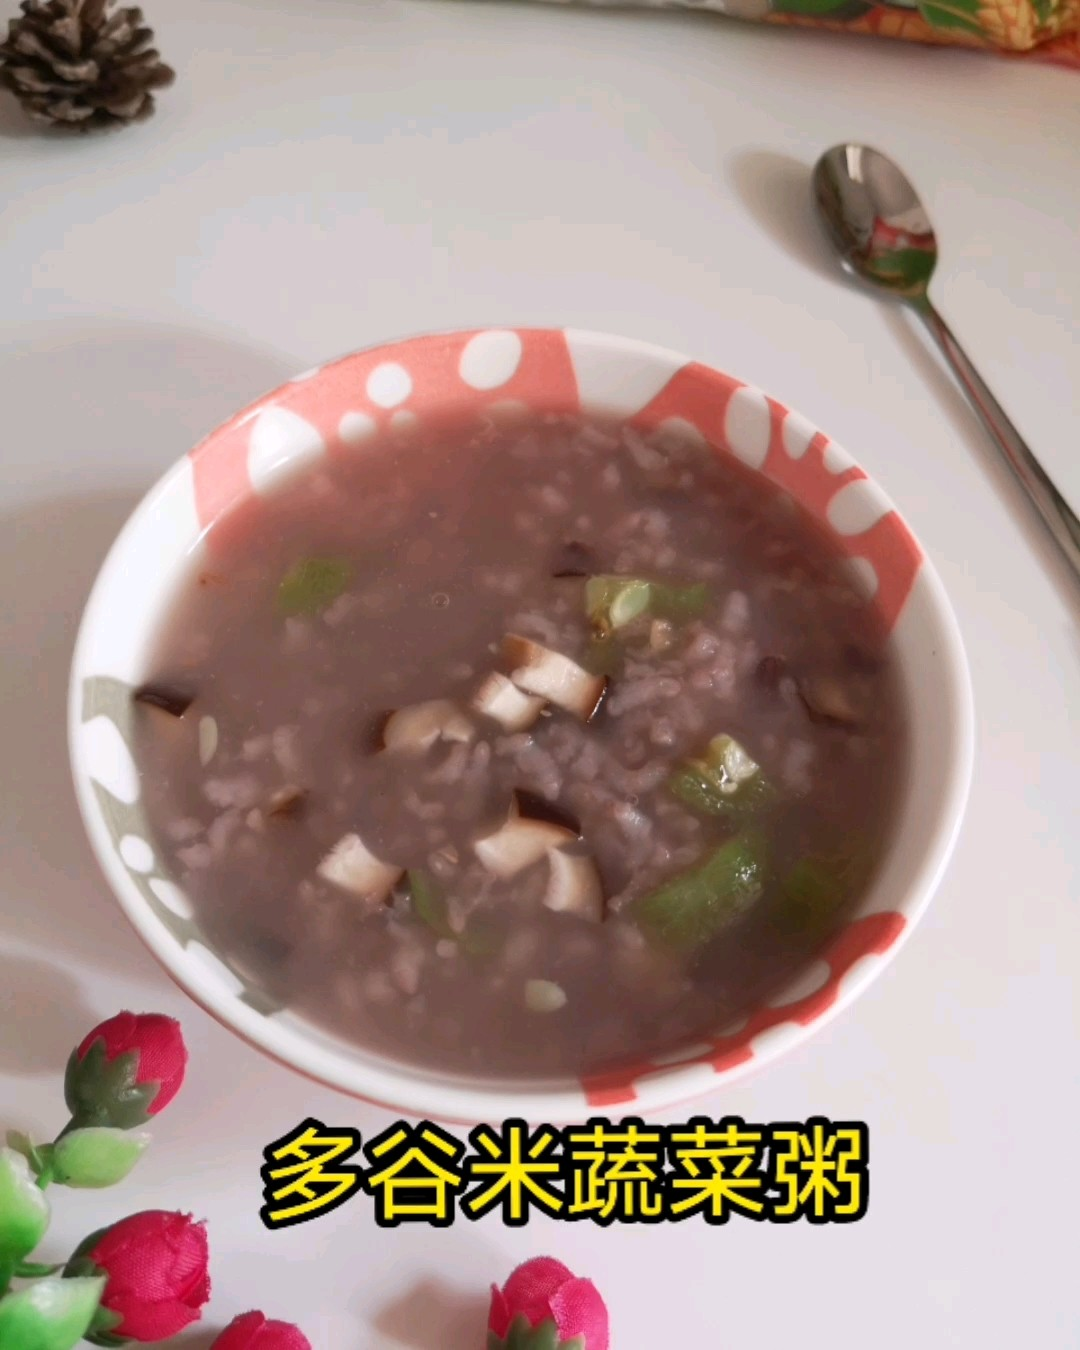 多谷米蔬菜粥